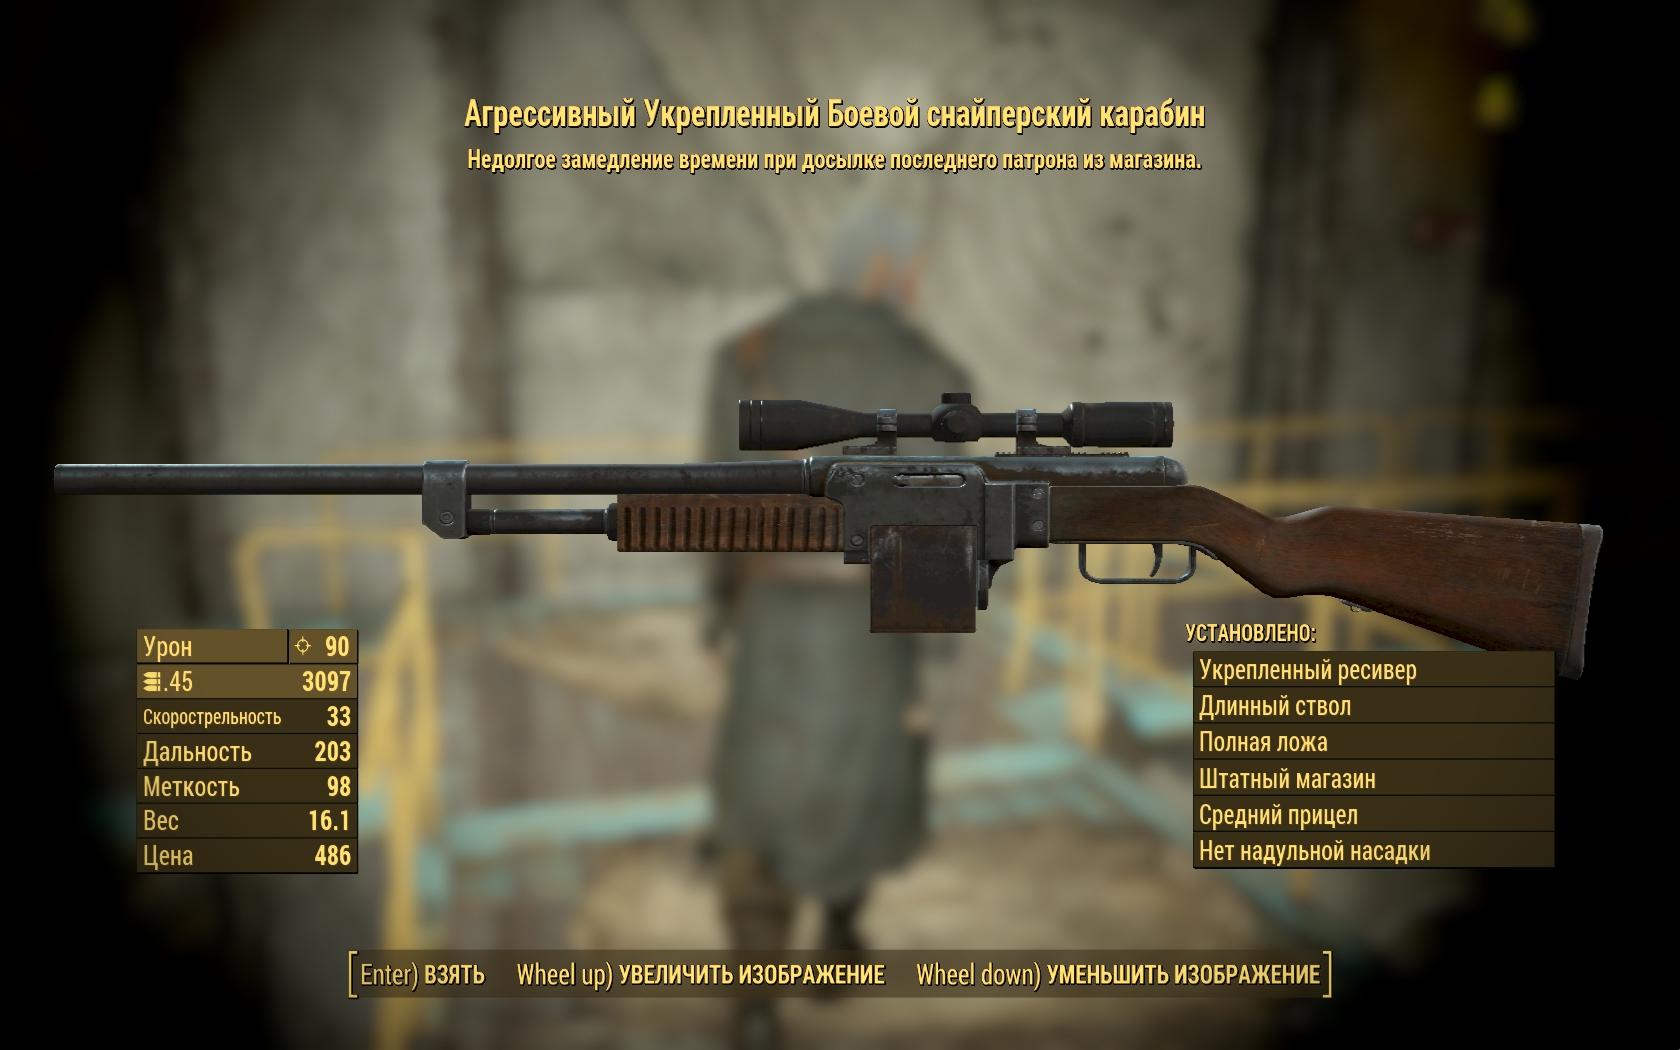 карабин - Fallout 4 Агрессивный, боевой, Оружие, снайперский, укреплённый